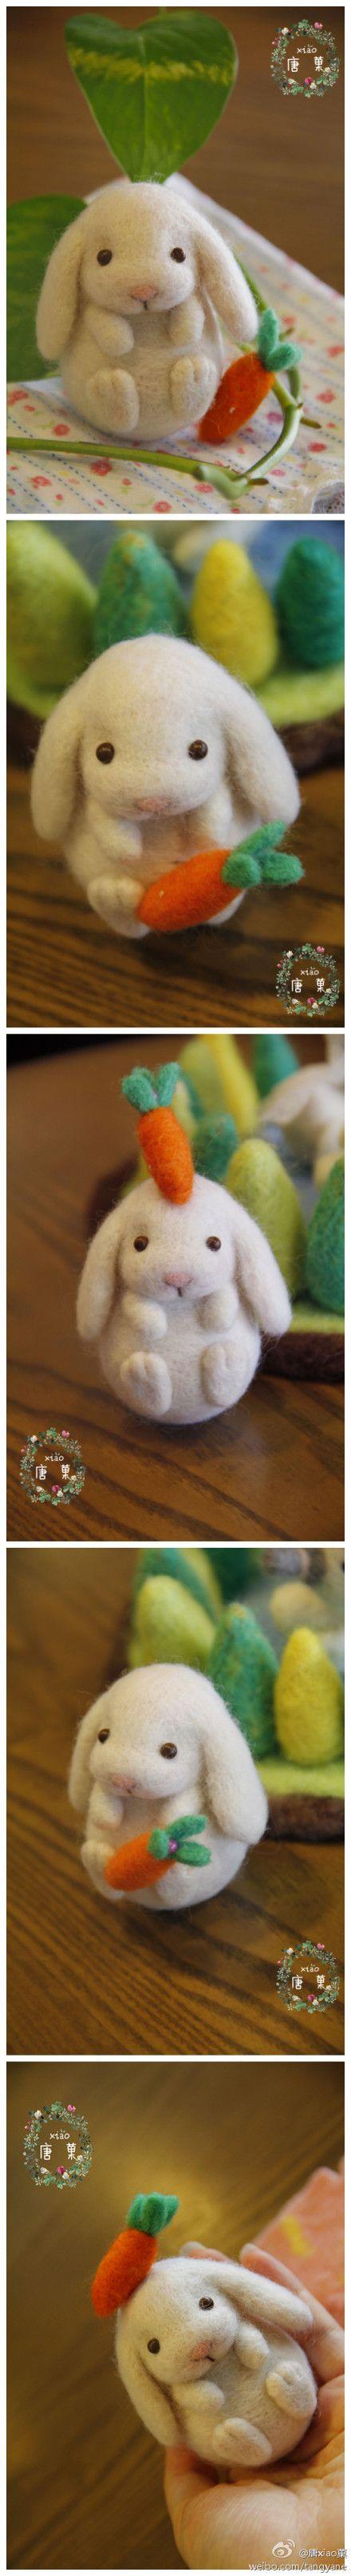 Felt Bunny @Adeline Aya